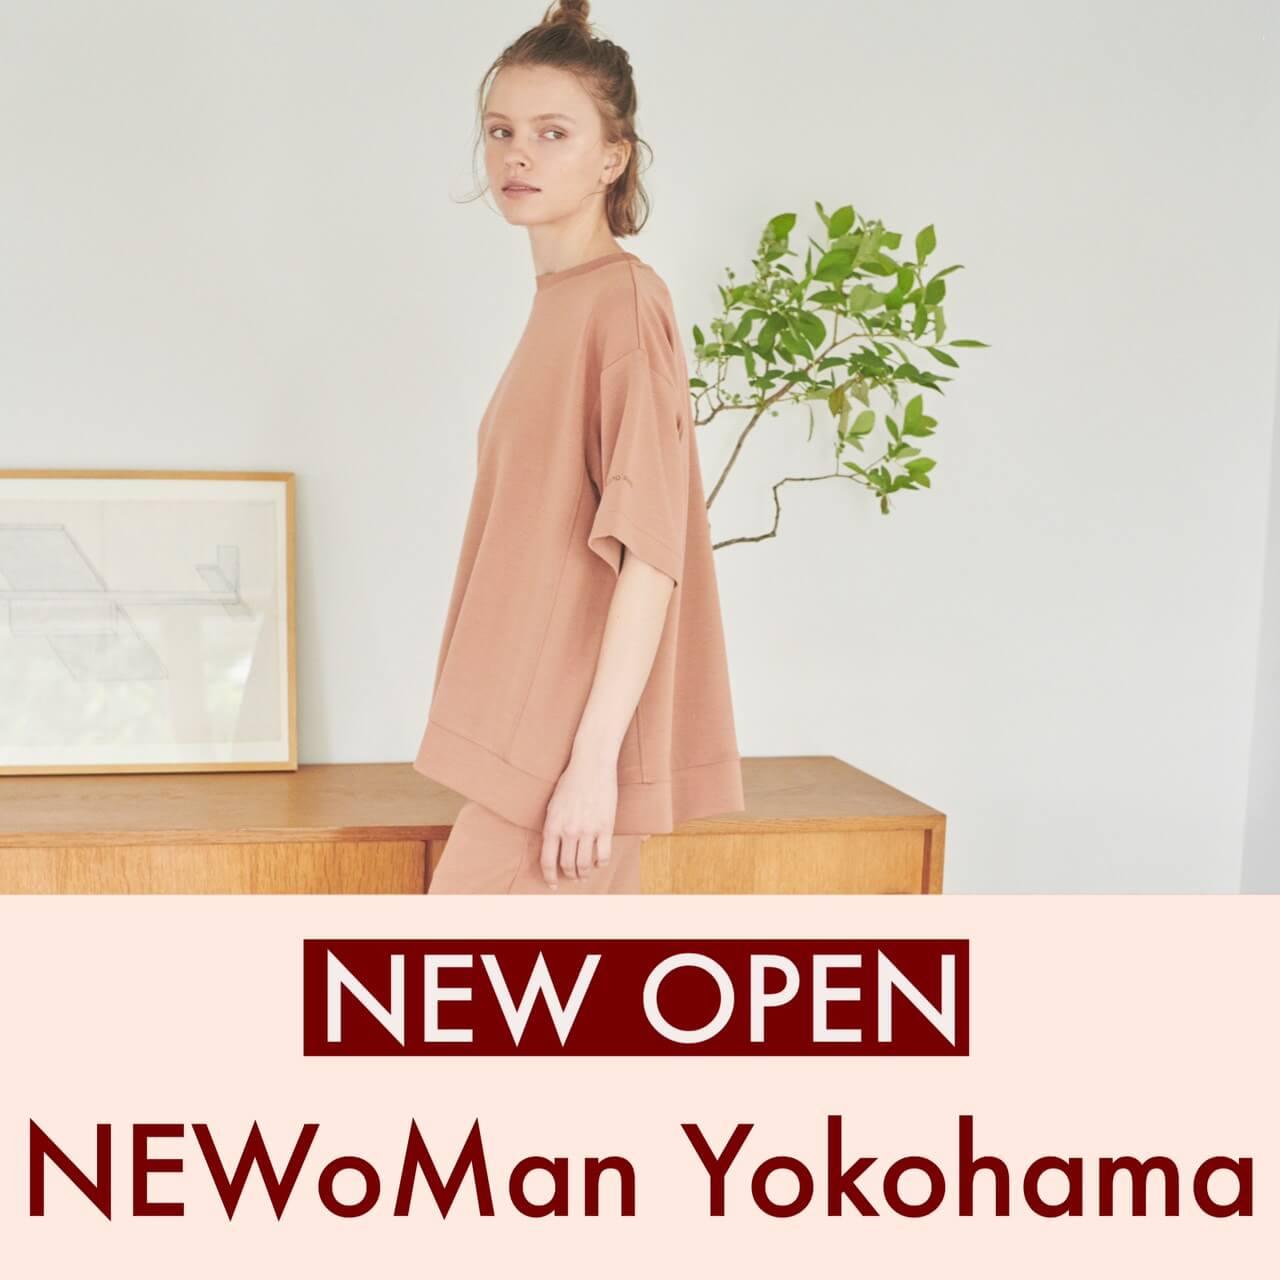 ニュウマン横浜店 8.26(THU) NEW OPEN